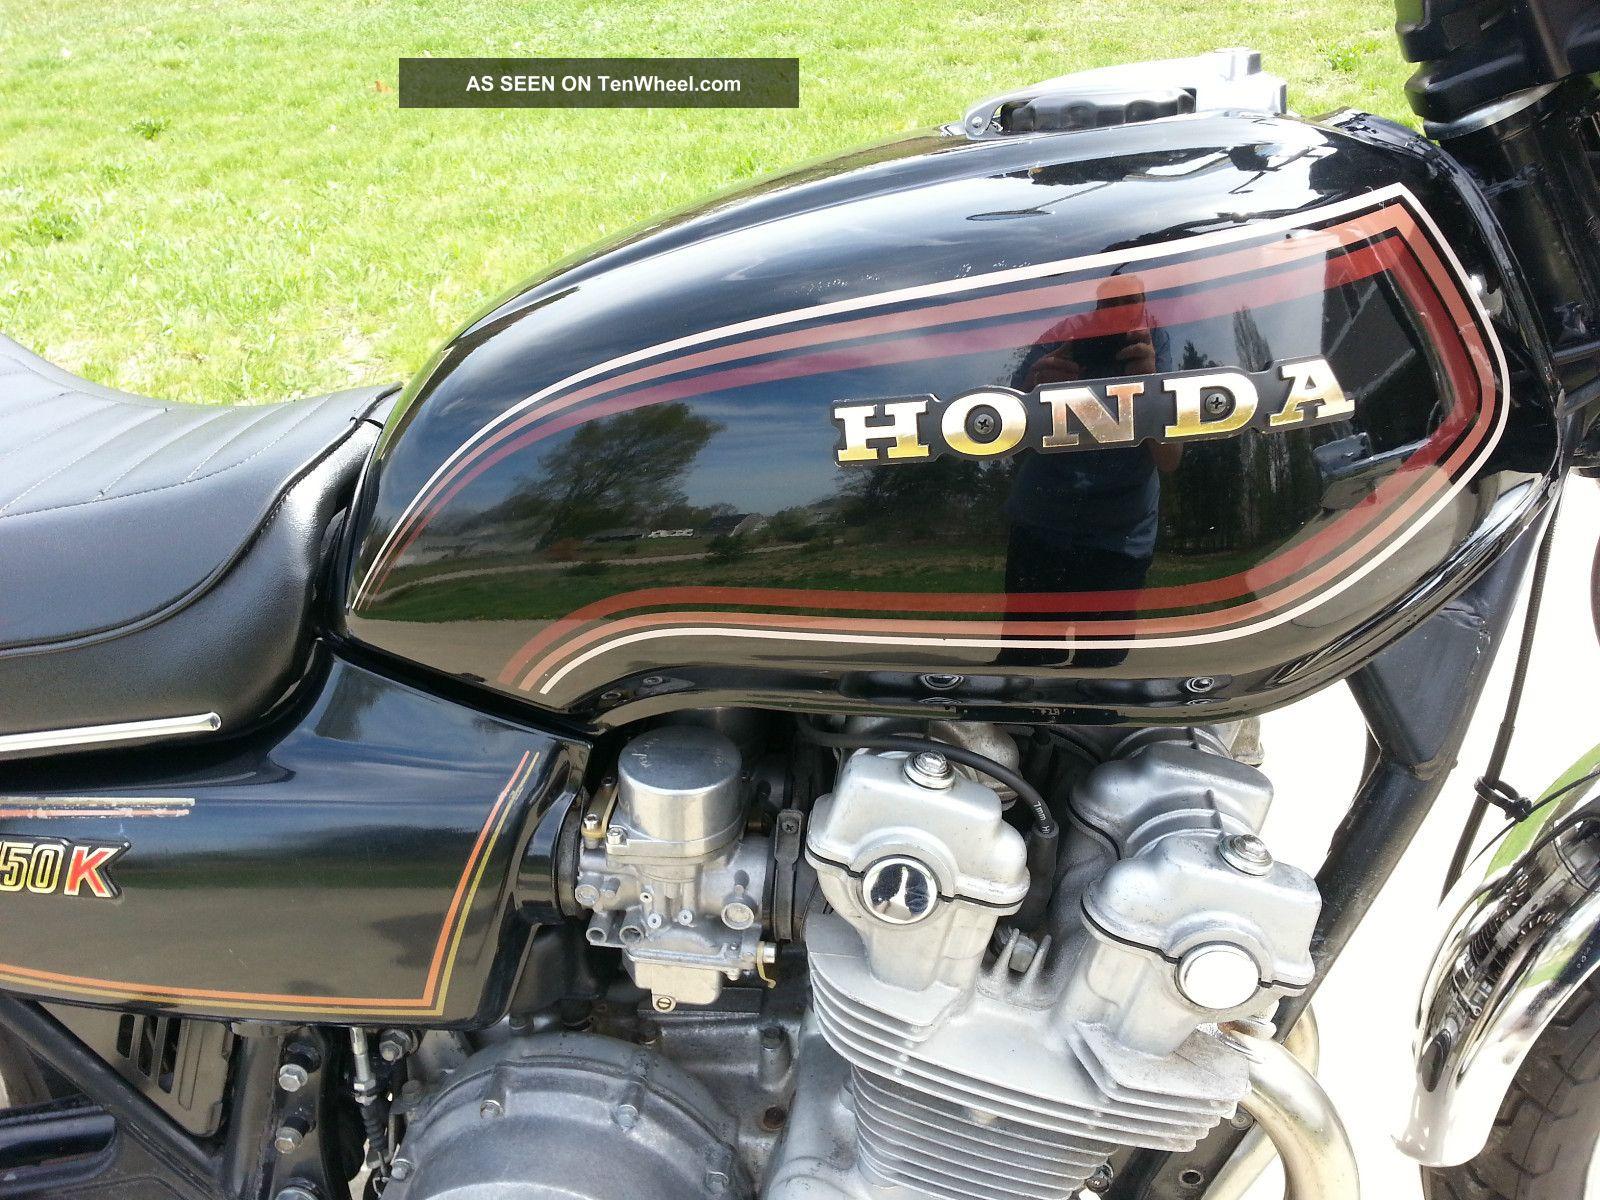 1980 honda cb750k cb750 cb runs and drives good tires looks rh tenwheel com 1980 honda cb750 specifications 1980 honda cb750 weight